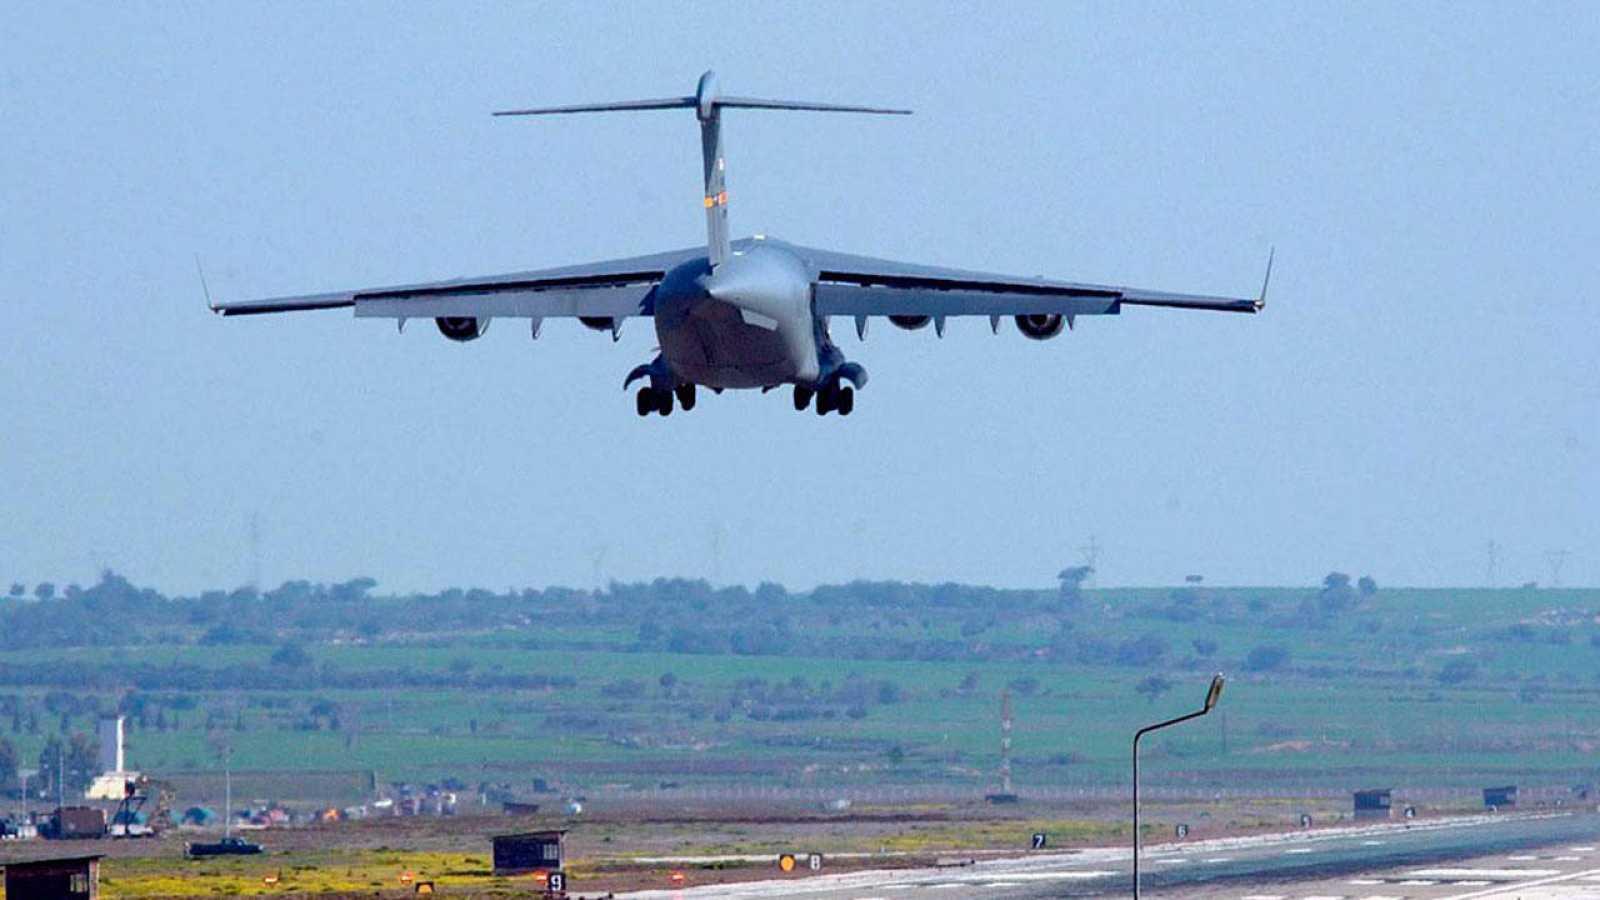 Aviones sobrevuelan el espacio aéreo turco.